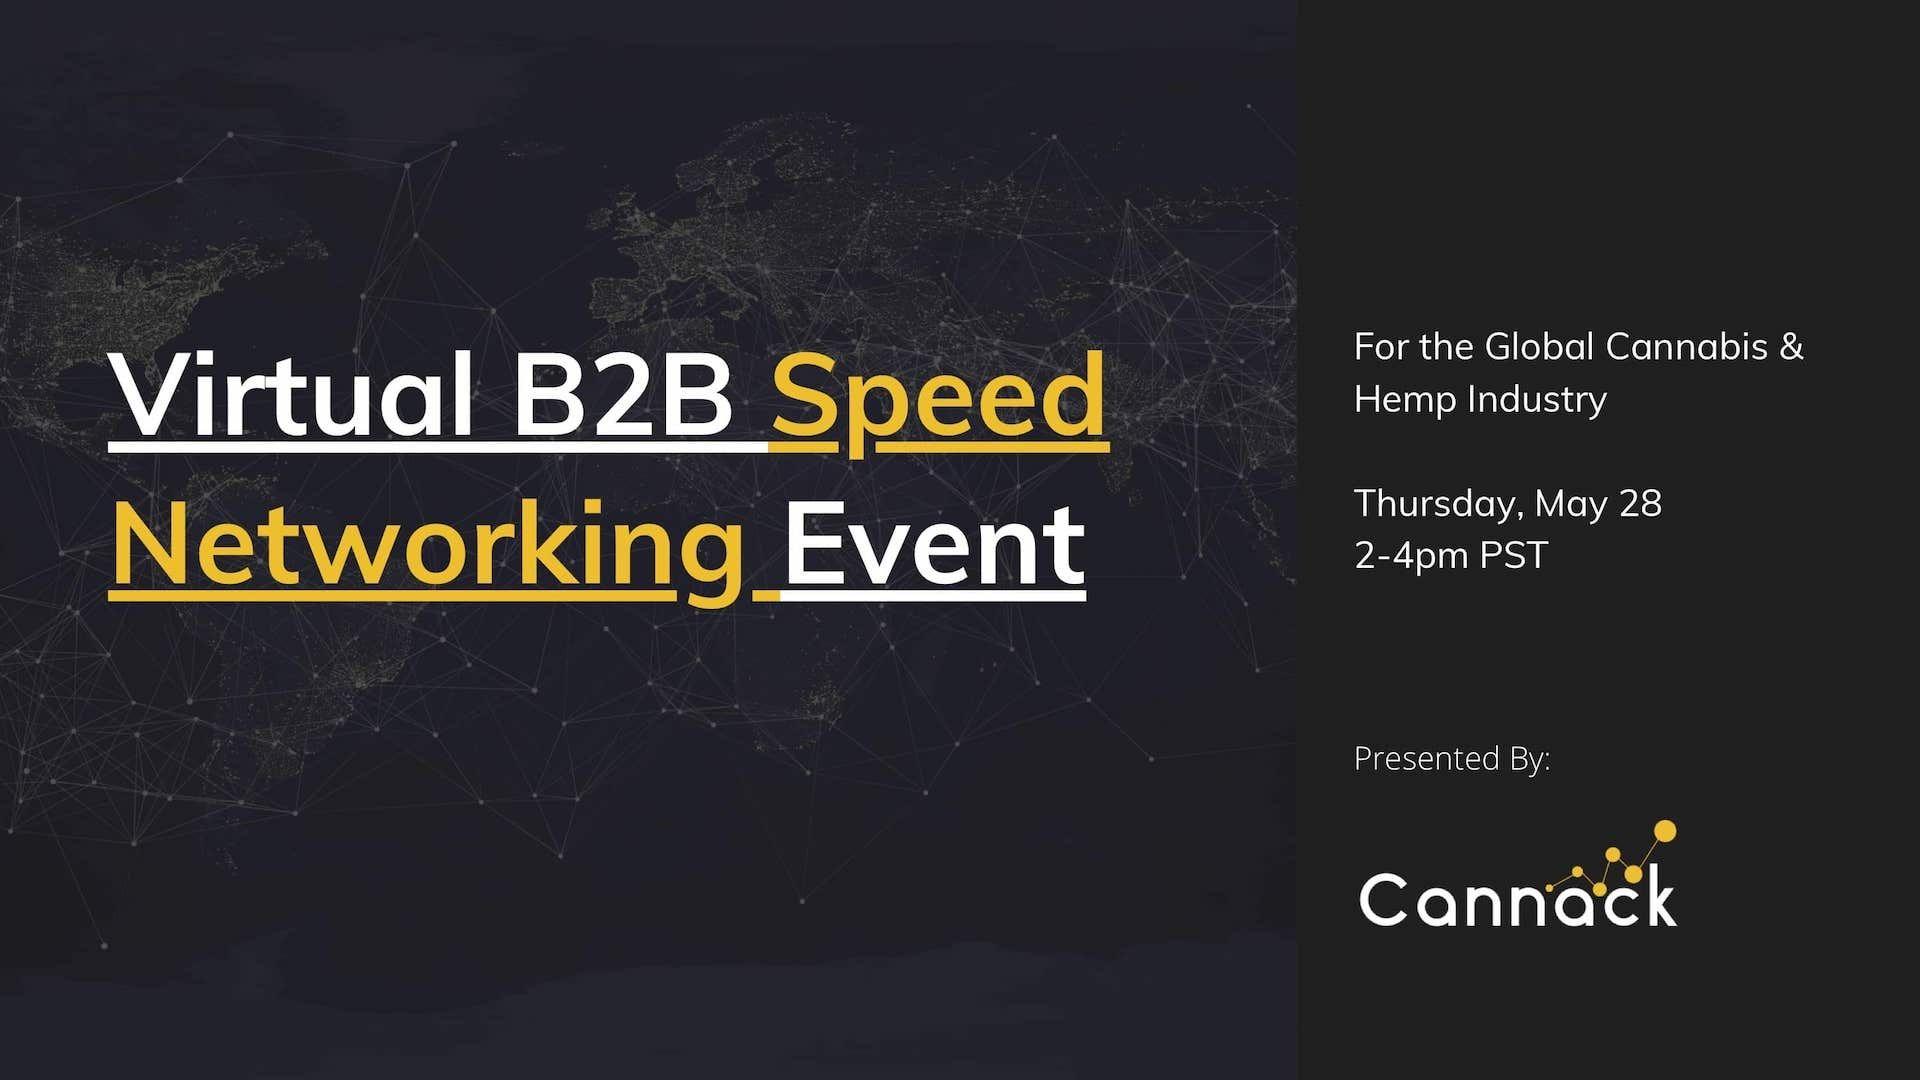 B2B Virtual Speed Networking (Sponsorship)